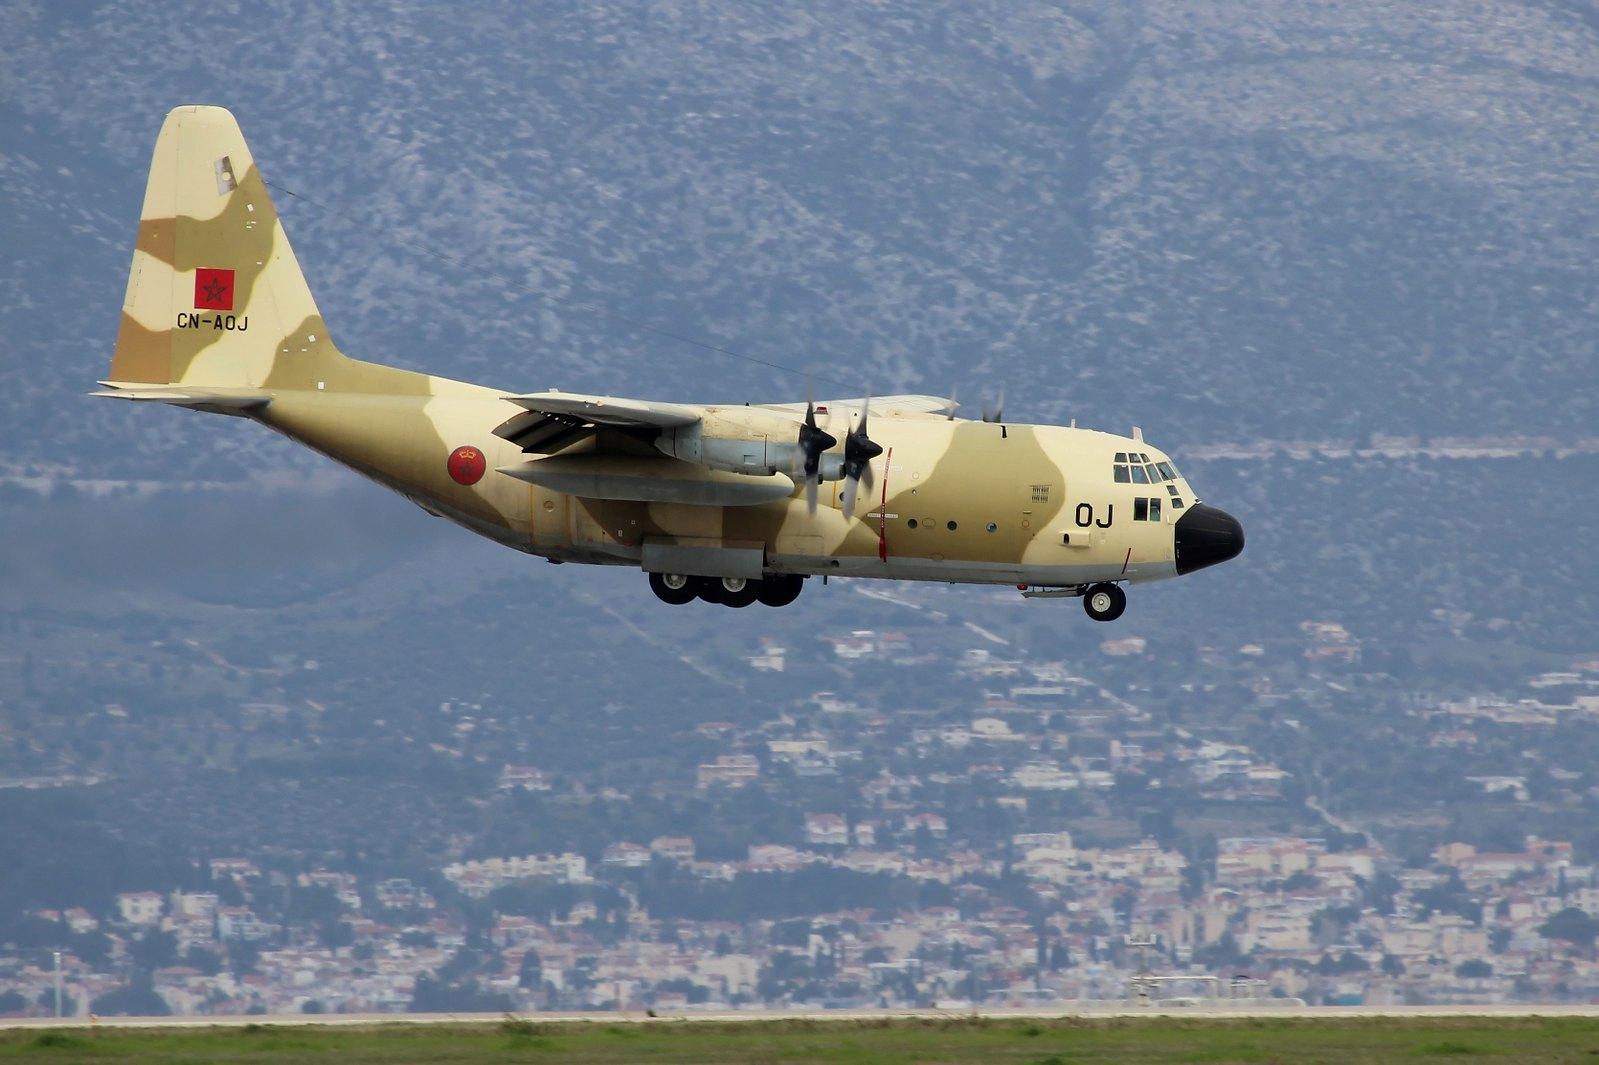 FRA: Photos d'avions de transport - Page 42 51027960791_21f1a006ea_h